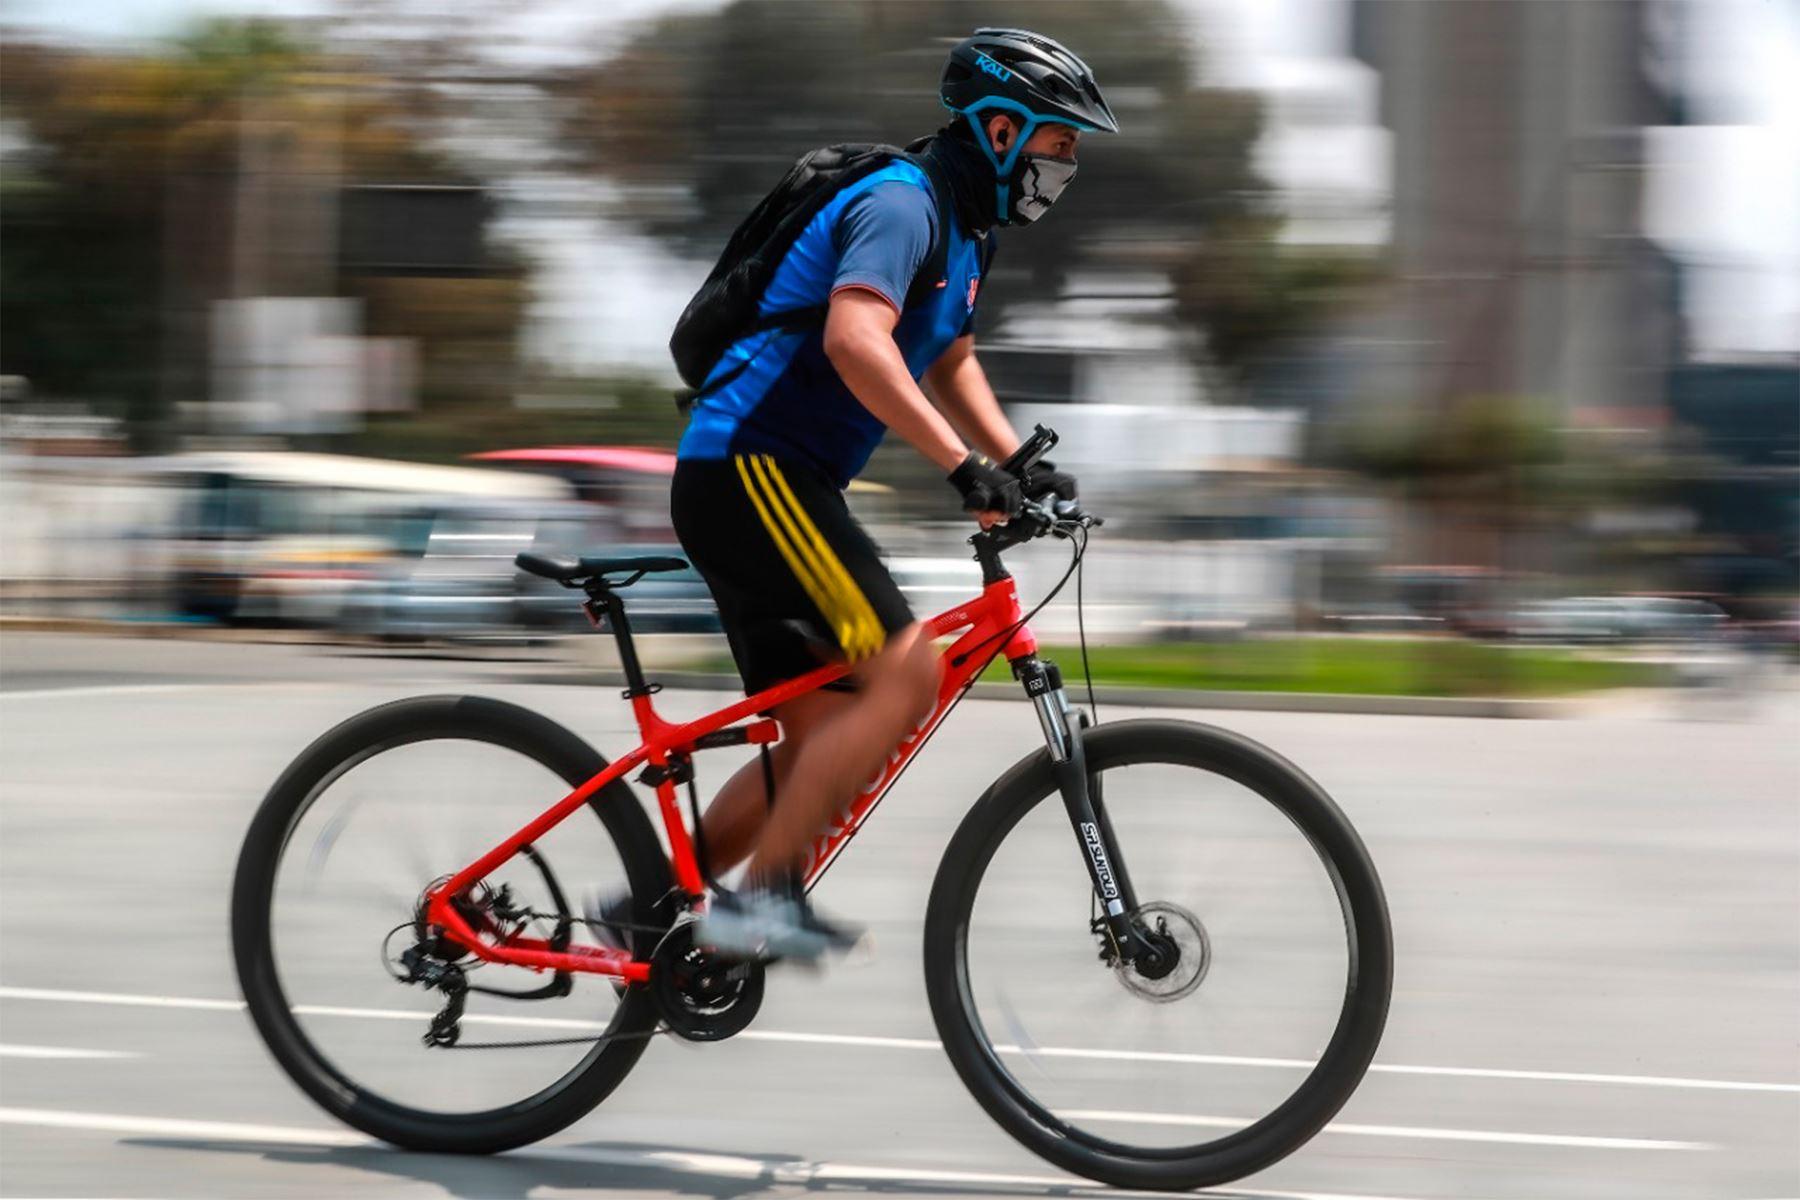 ¡Atención, ciclista! Conoce cómo evitar lesiones musculares mientras manejas